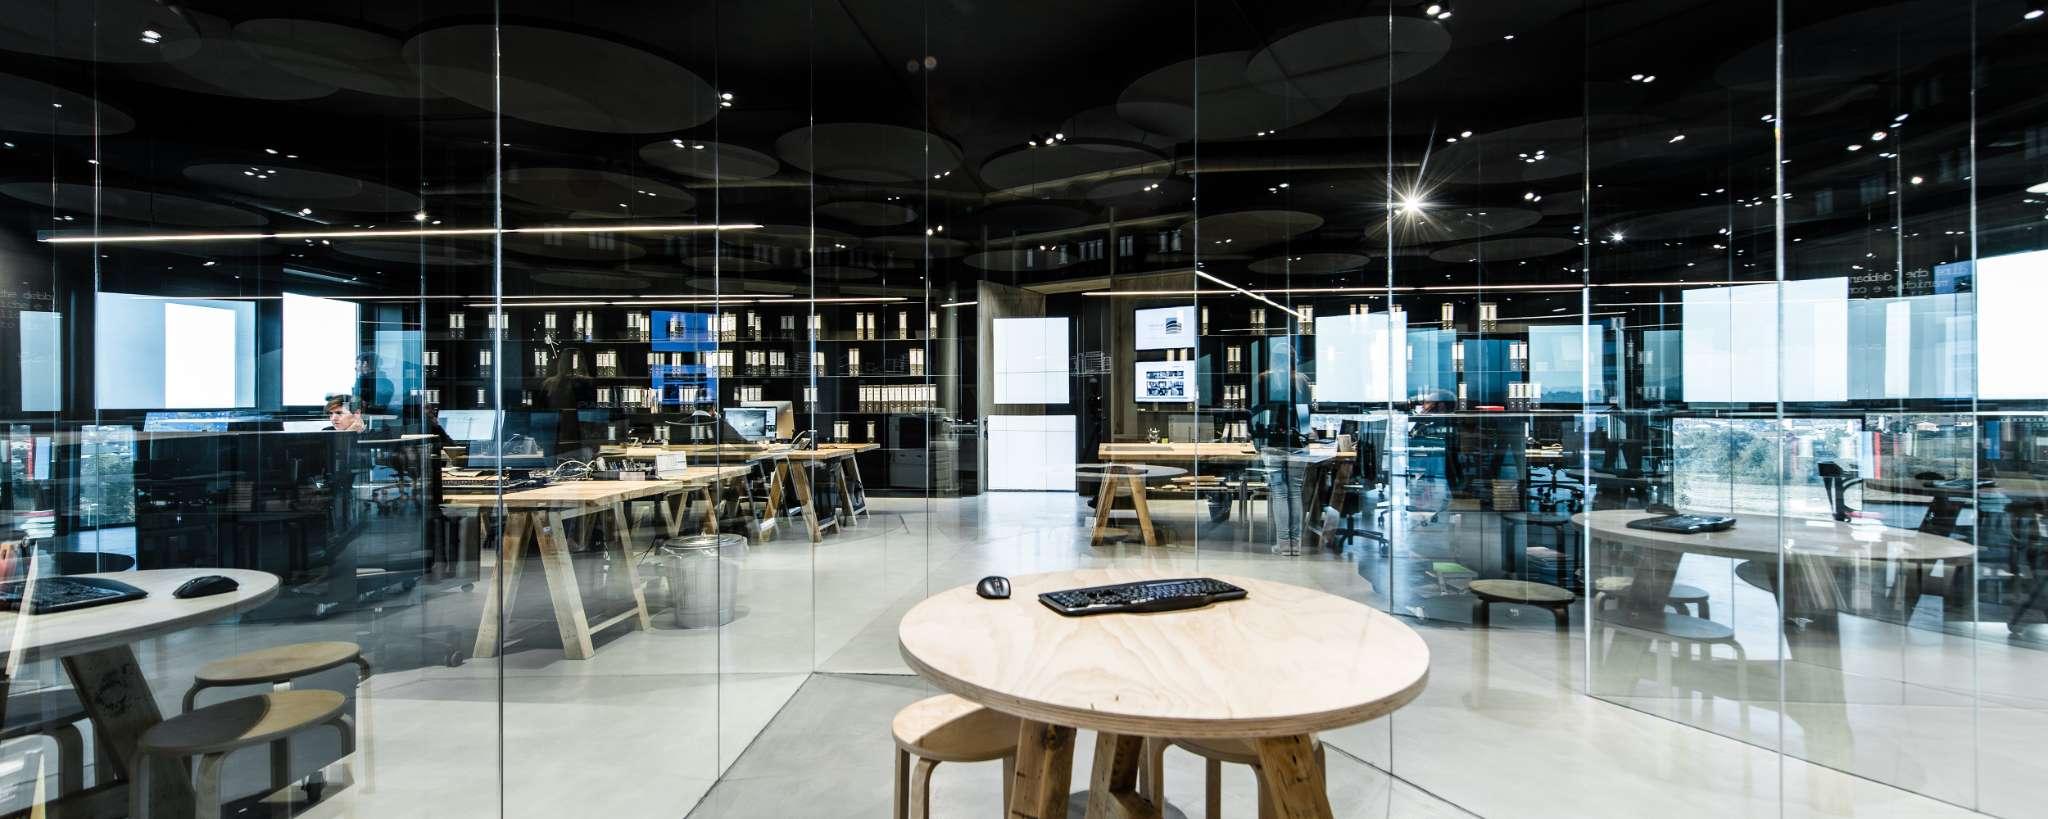 Ufficio / Studio in affitto a Terno d'Isola, 11 locali, prezzo € 3.000 | CambioCasa.it